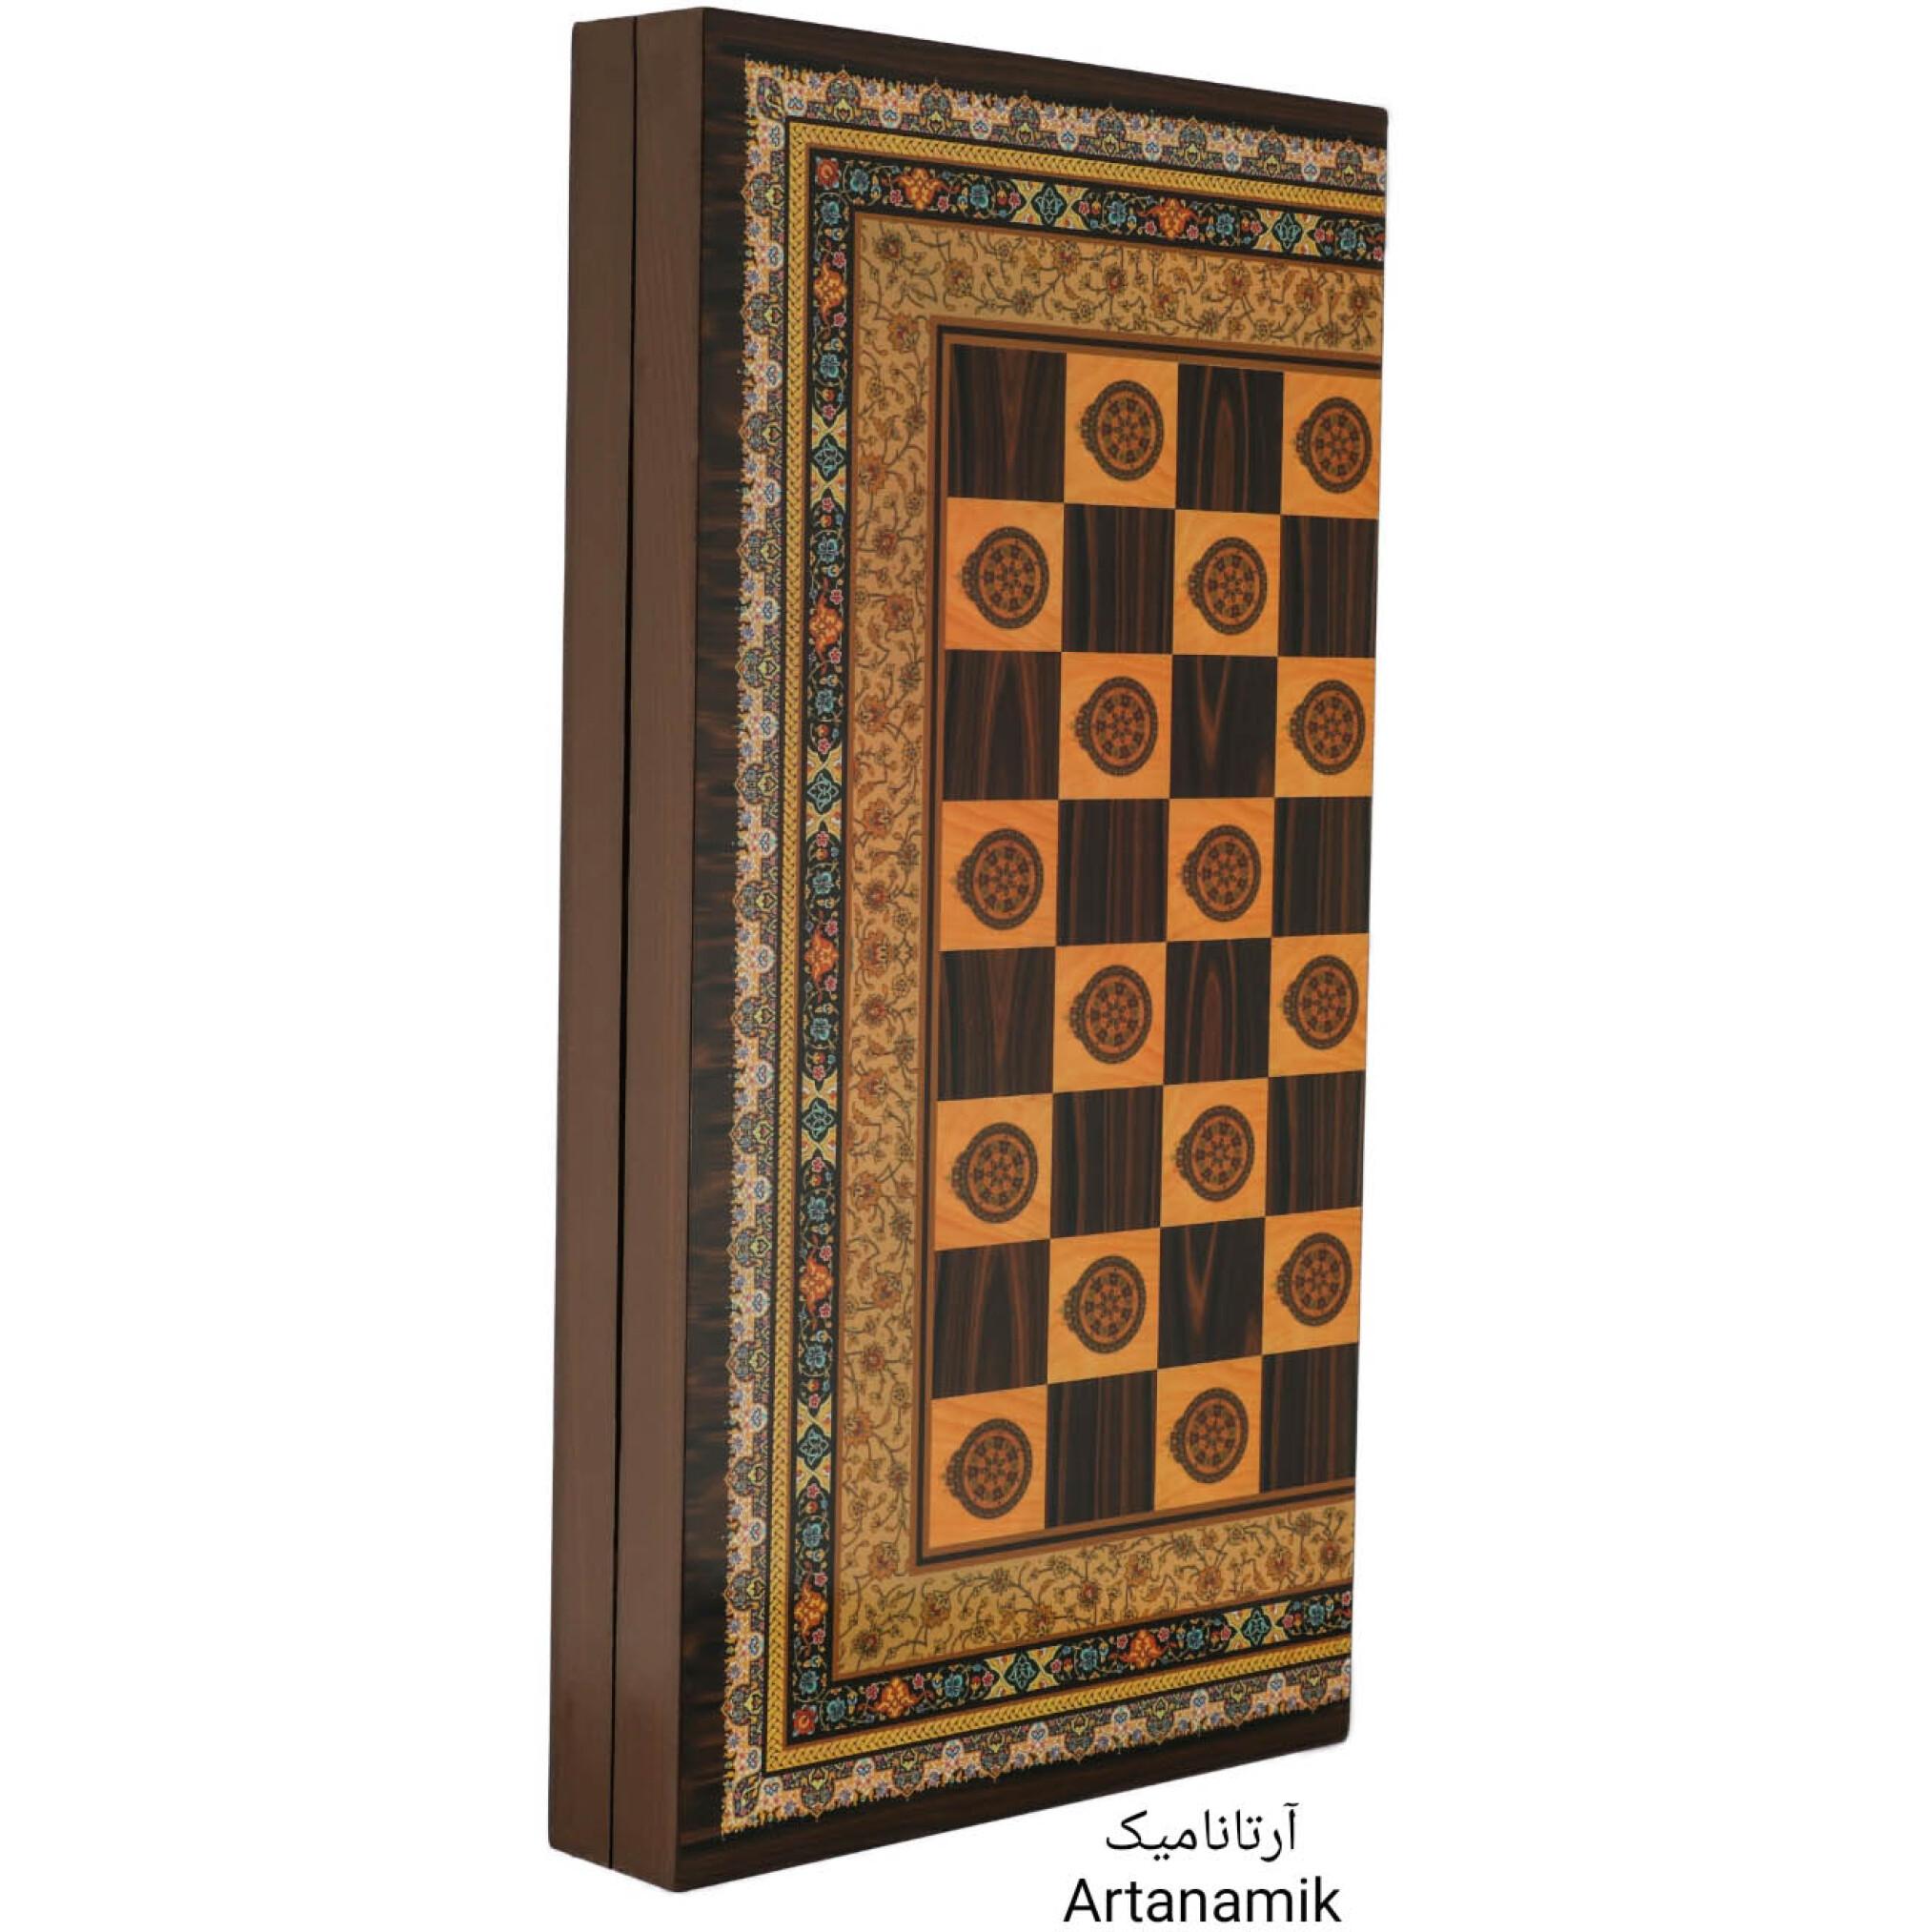 تخته نرد و شطرنج طرح تذهیب، تخته نرد کادویی و تخته نرد نفیس از جنس چوب روس